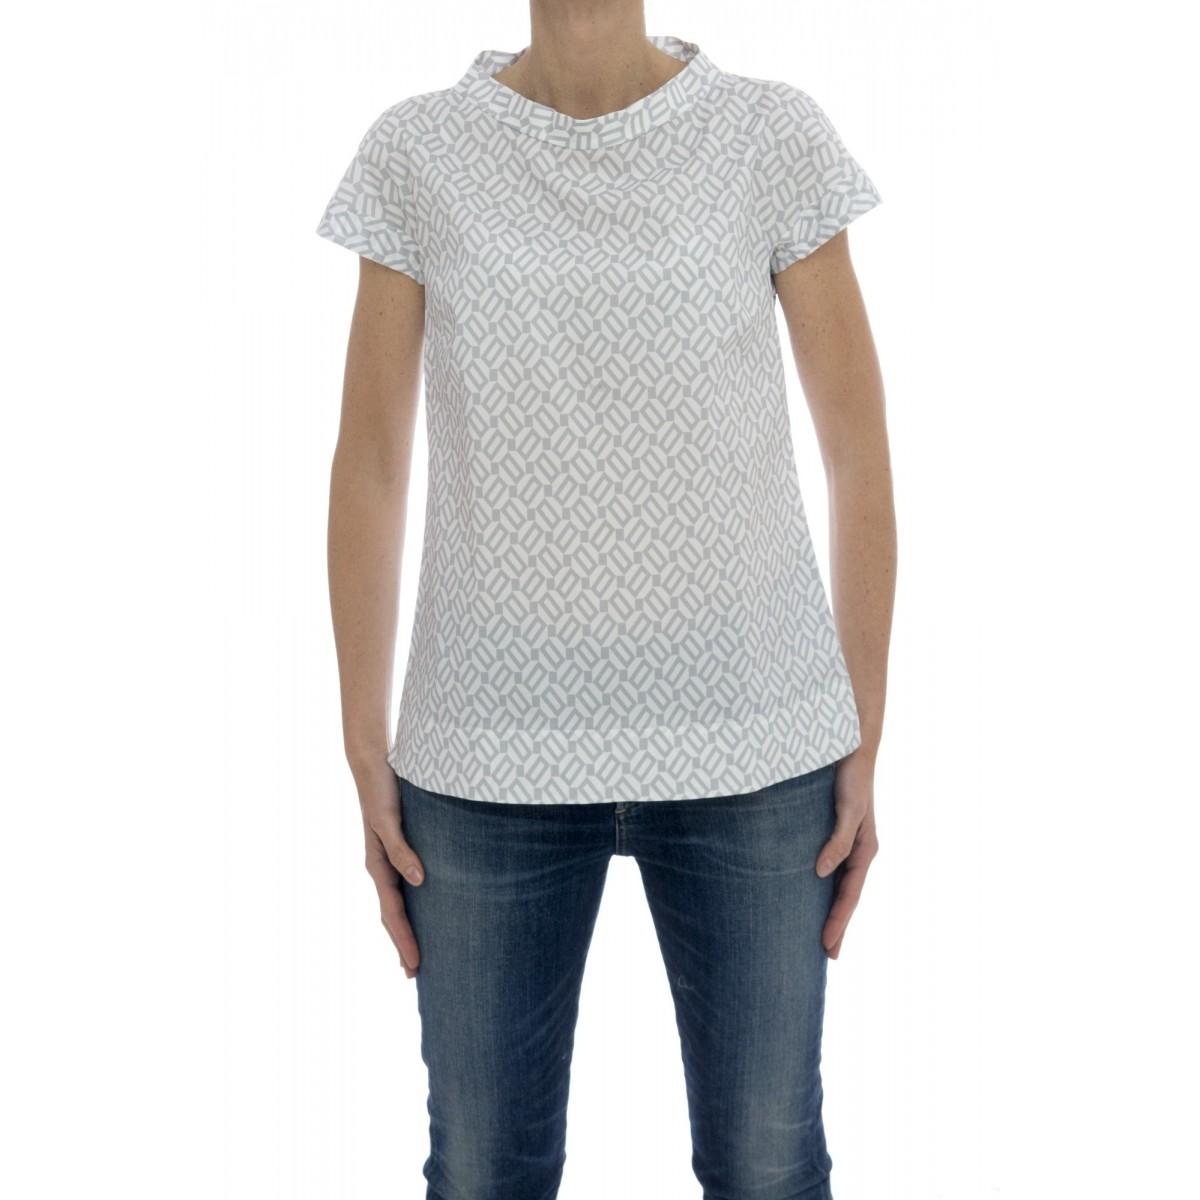 Camicia manica corta donna - Rnr zk2 camicia zip retro